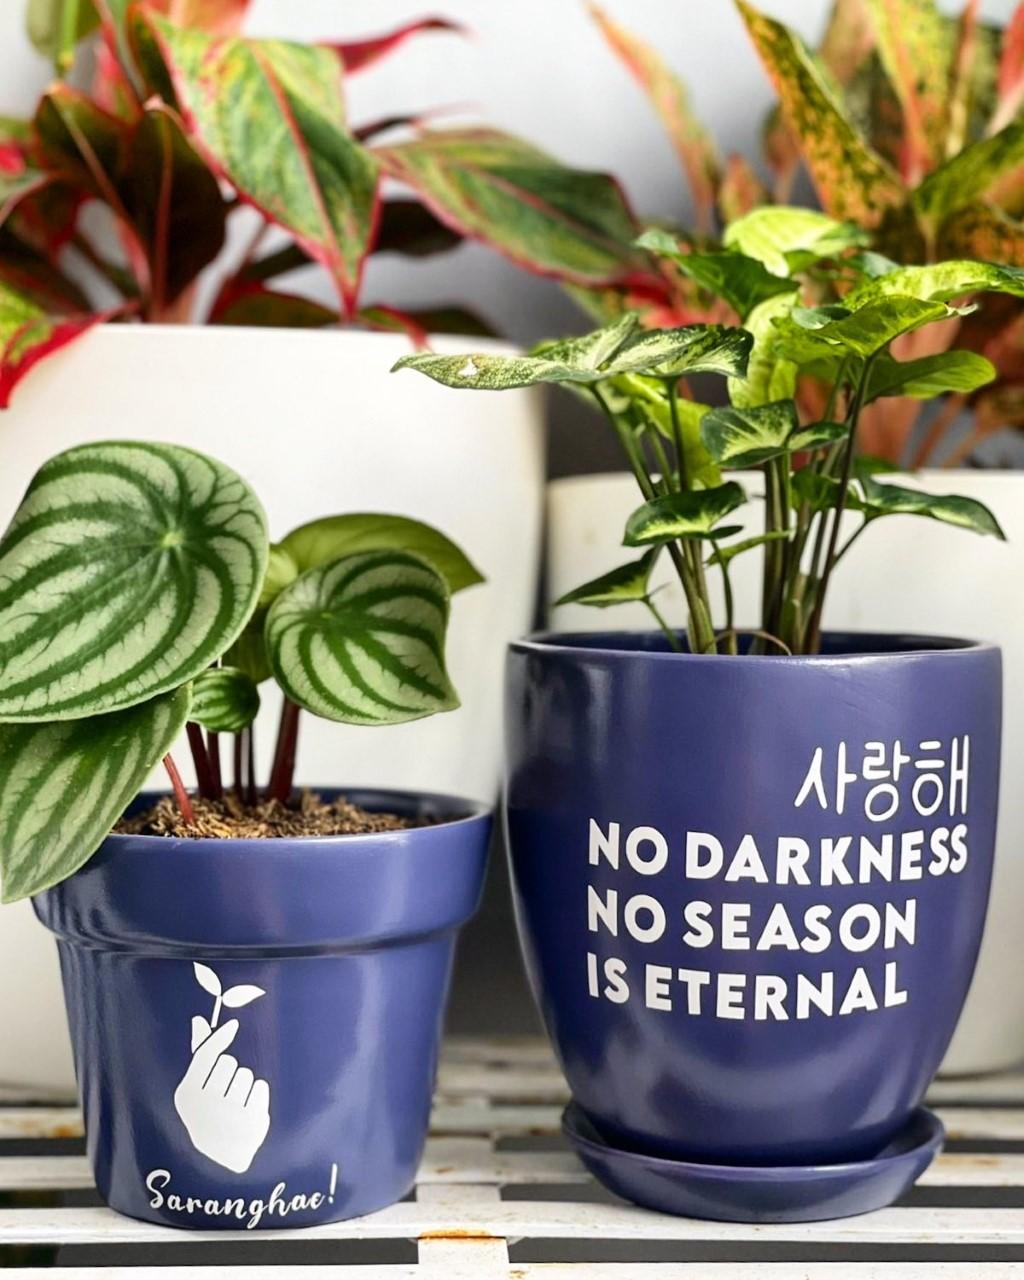 BTS-inspired pots